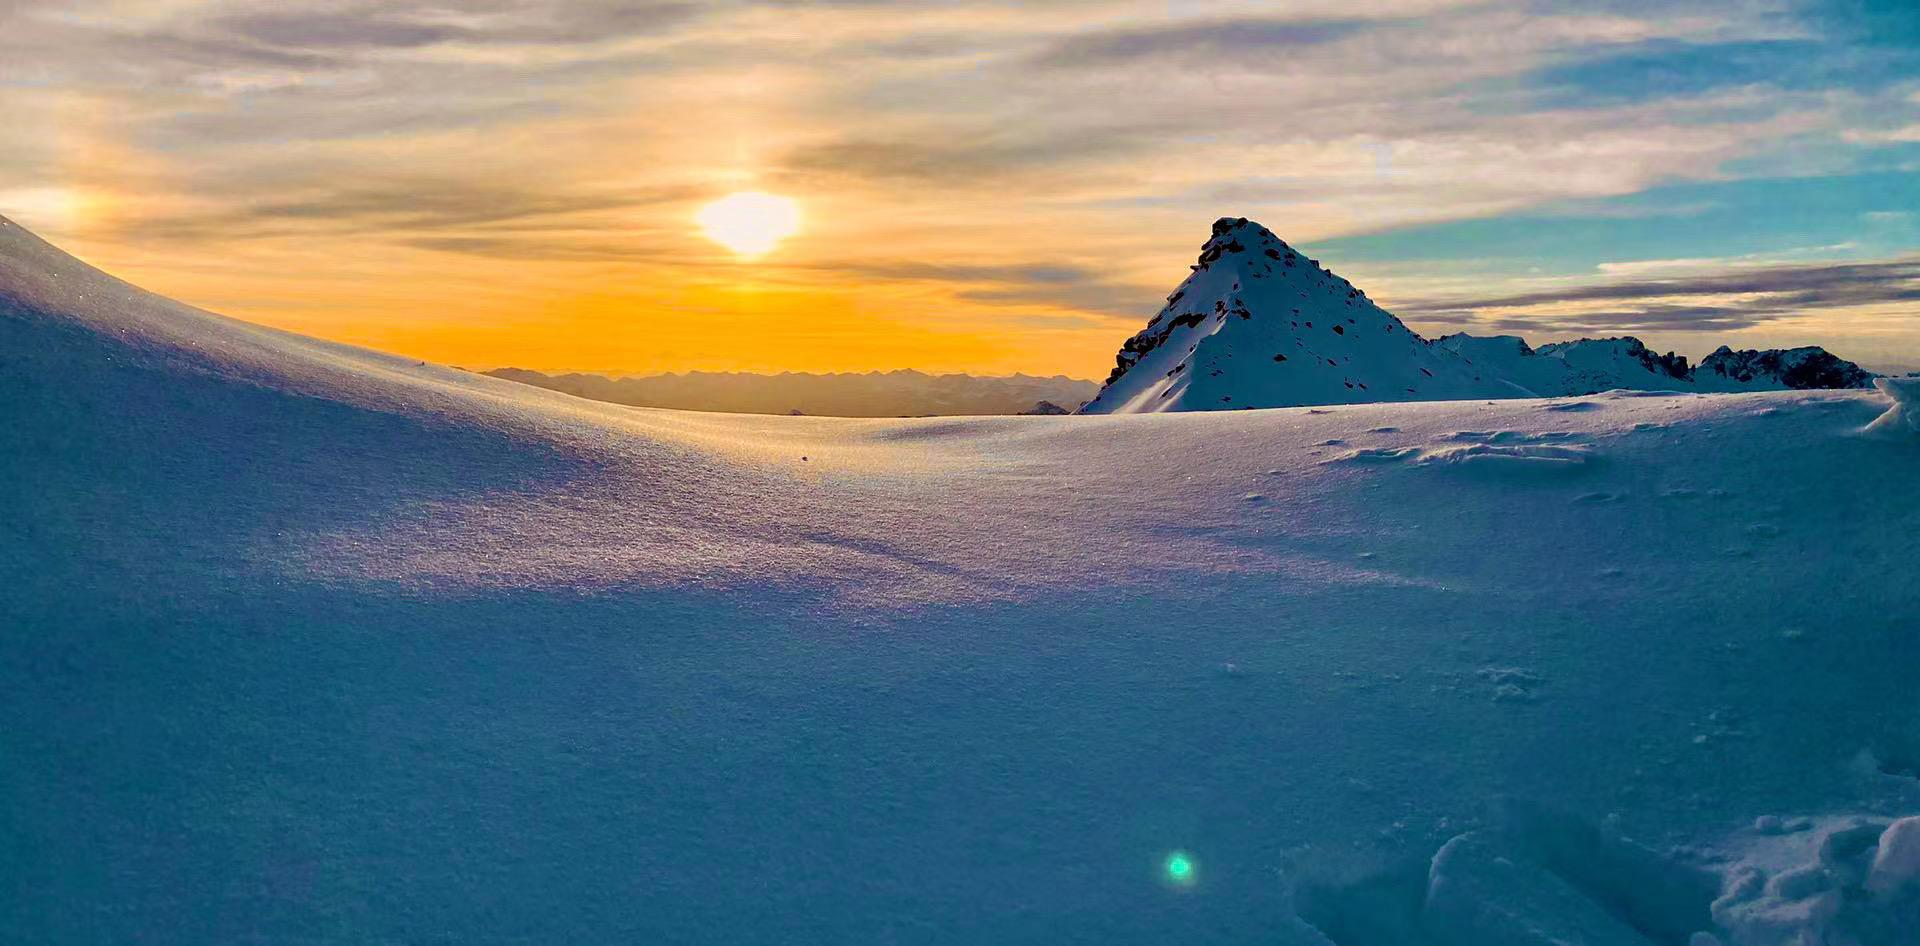 达古冰川现绝美日出